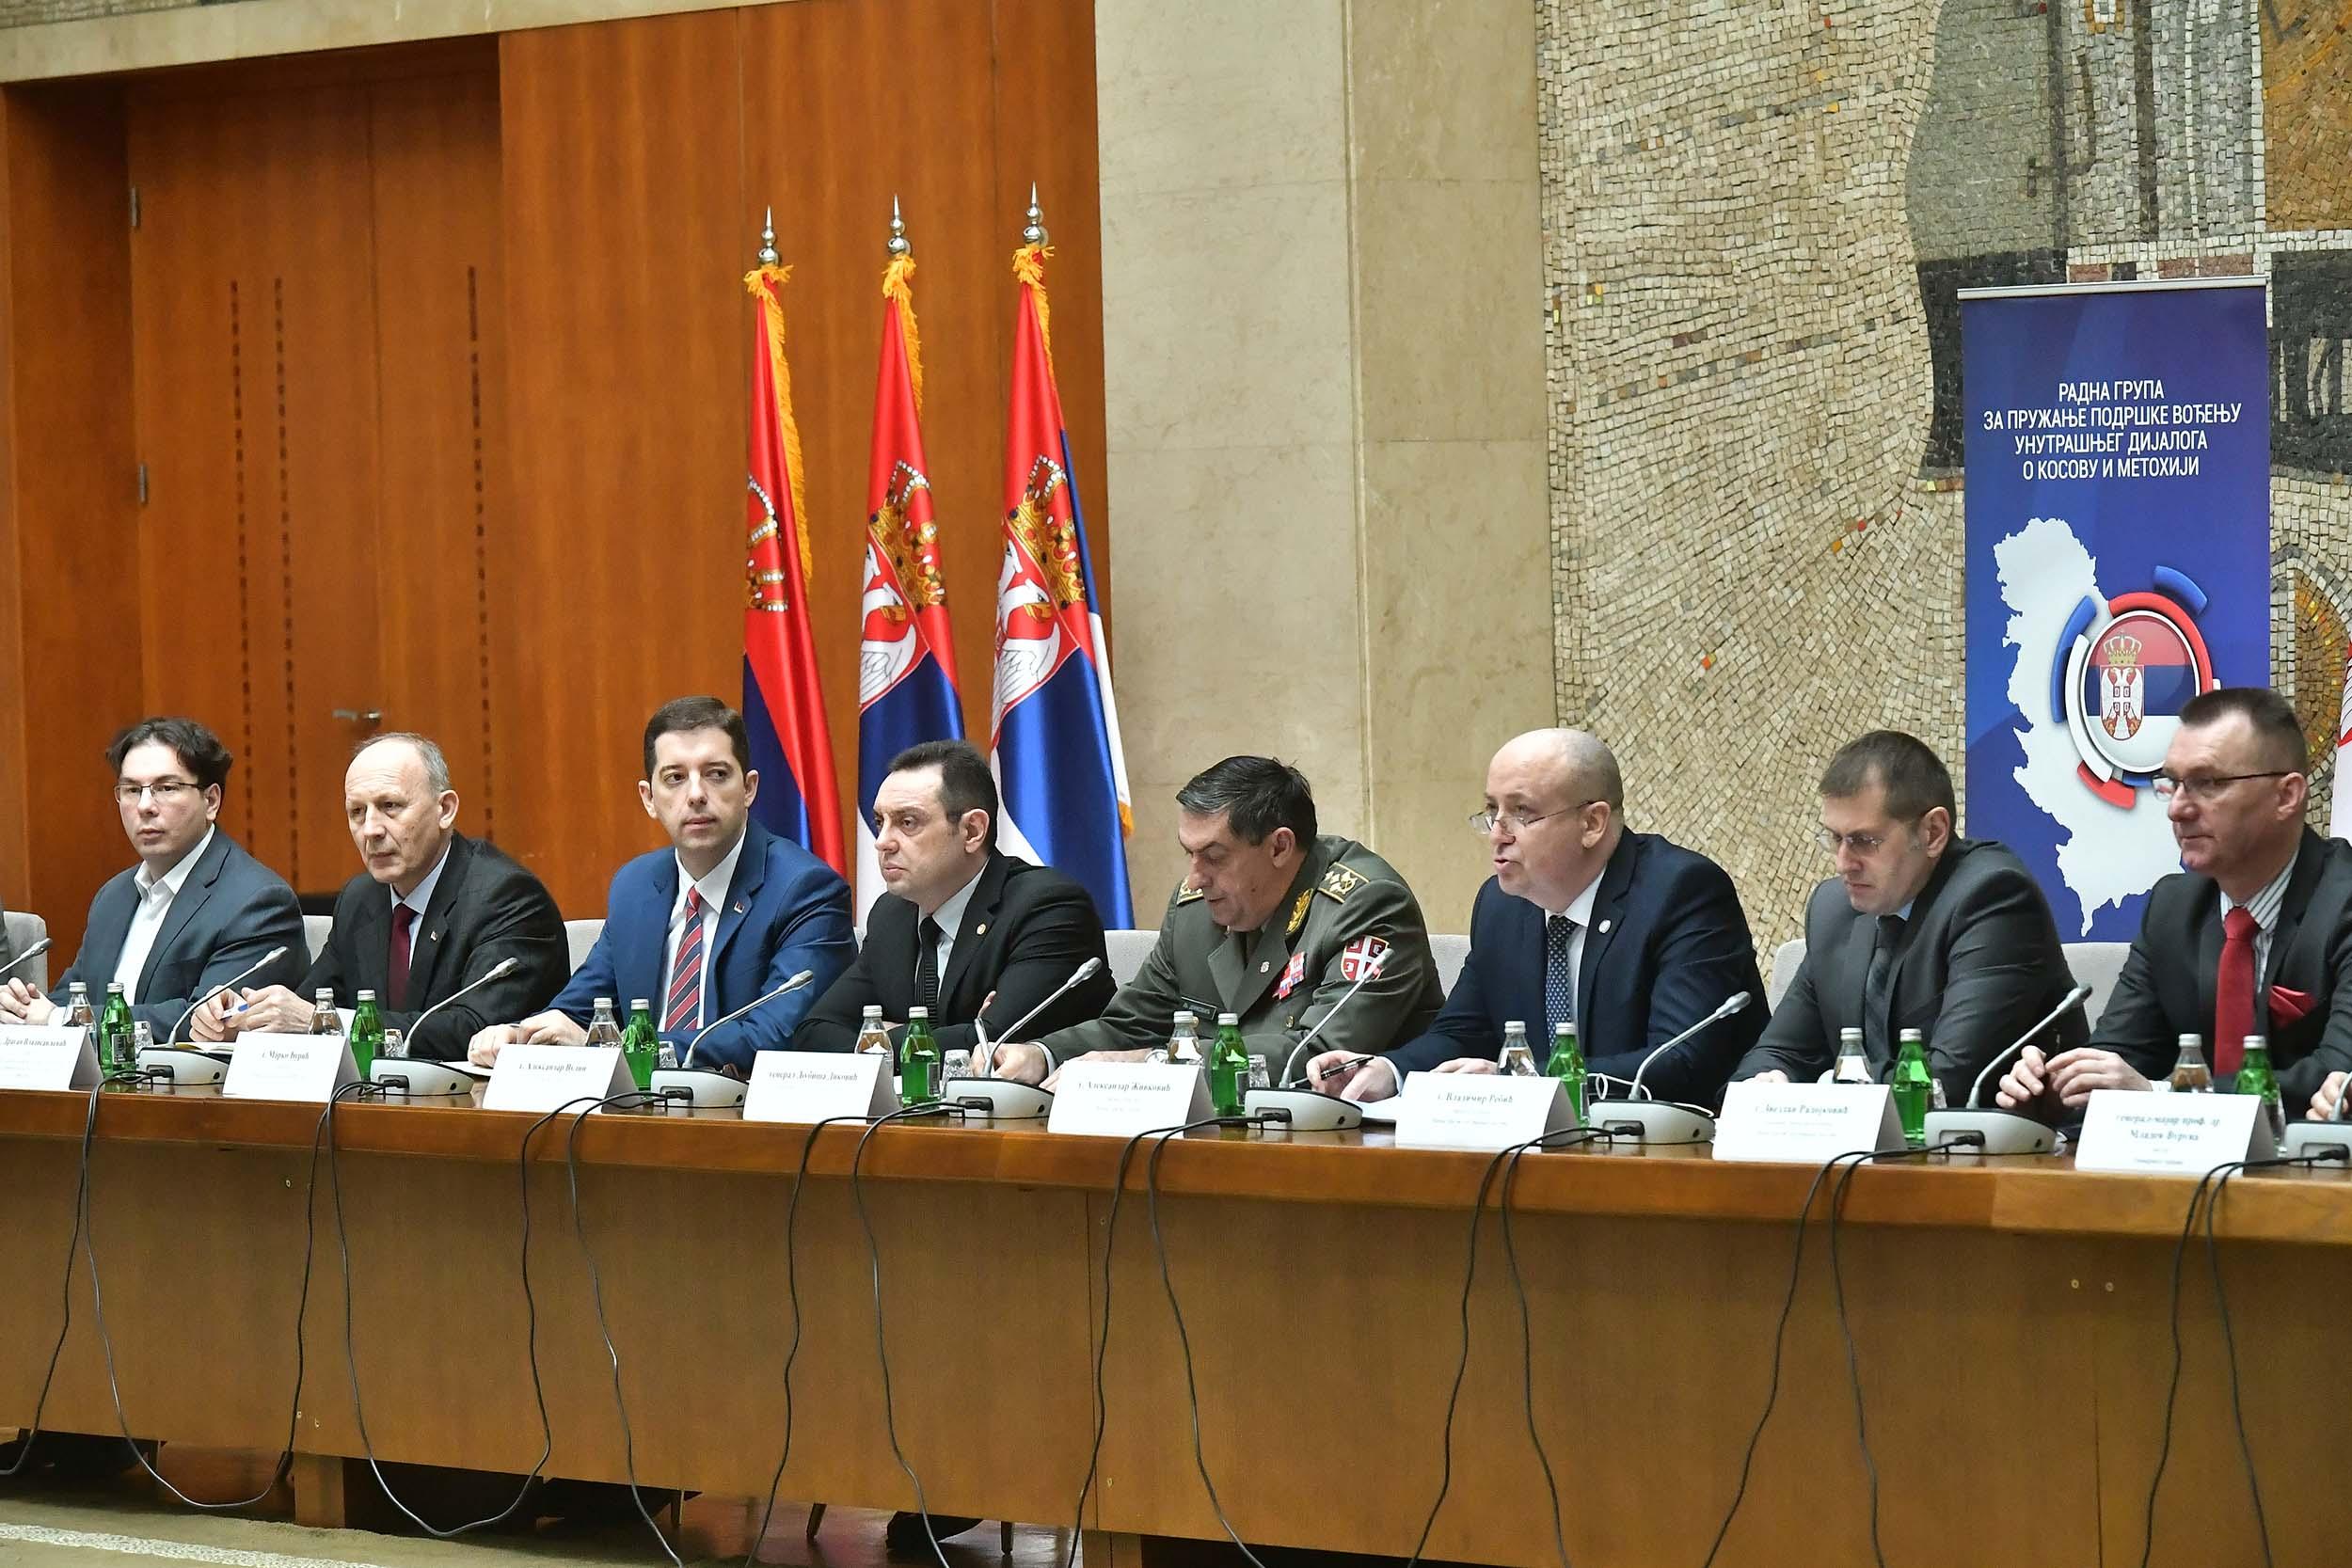 Вулин: Решавање србског националног питања нећемо препустити европским бирократама